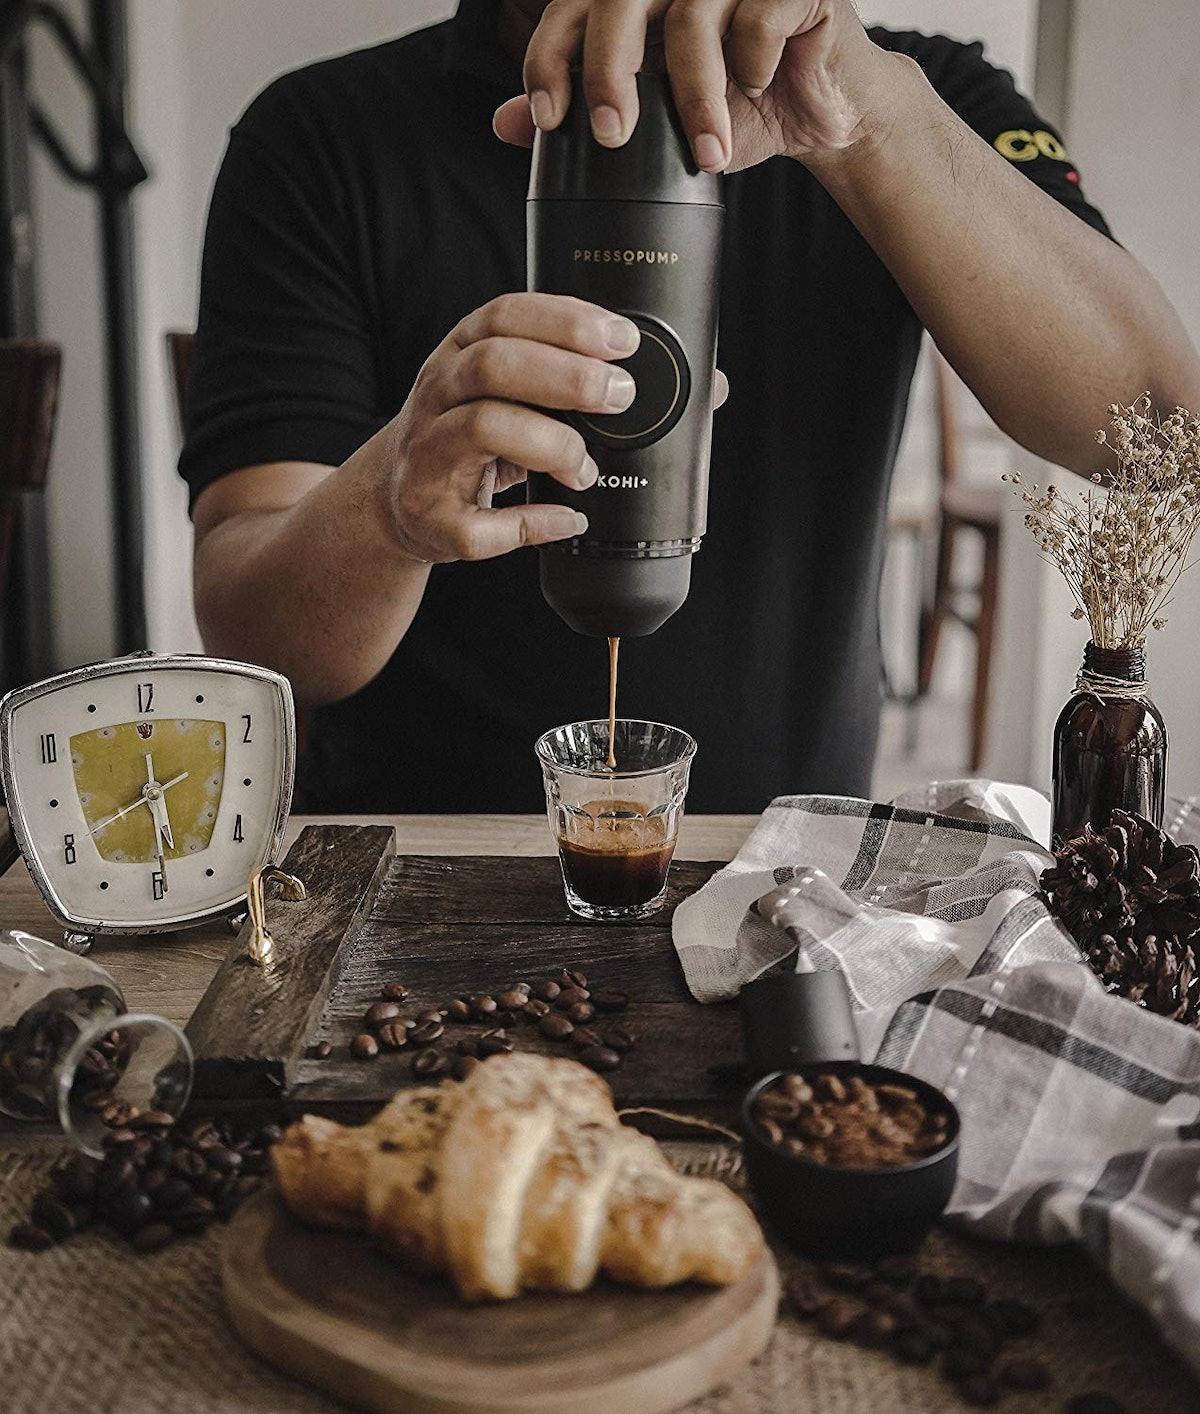 Pressopump Cordless Espresso Maker